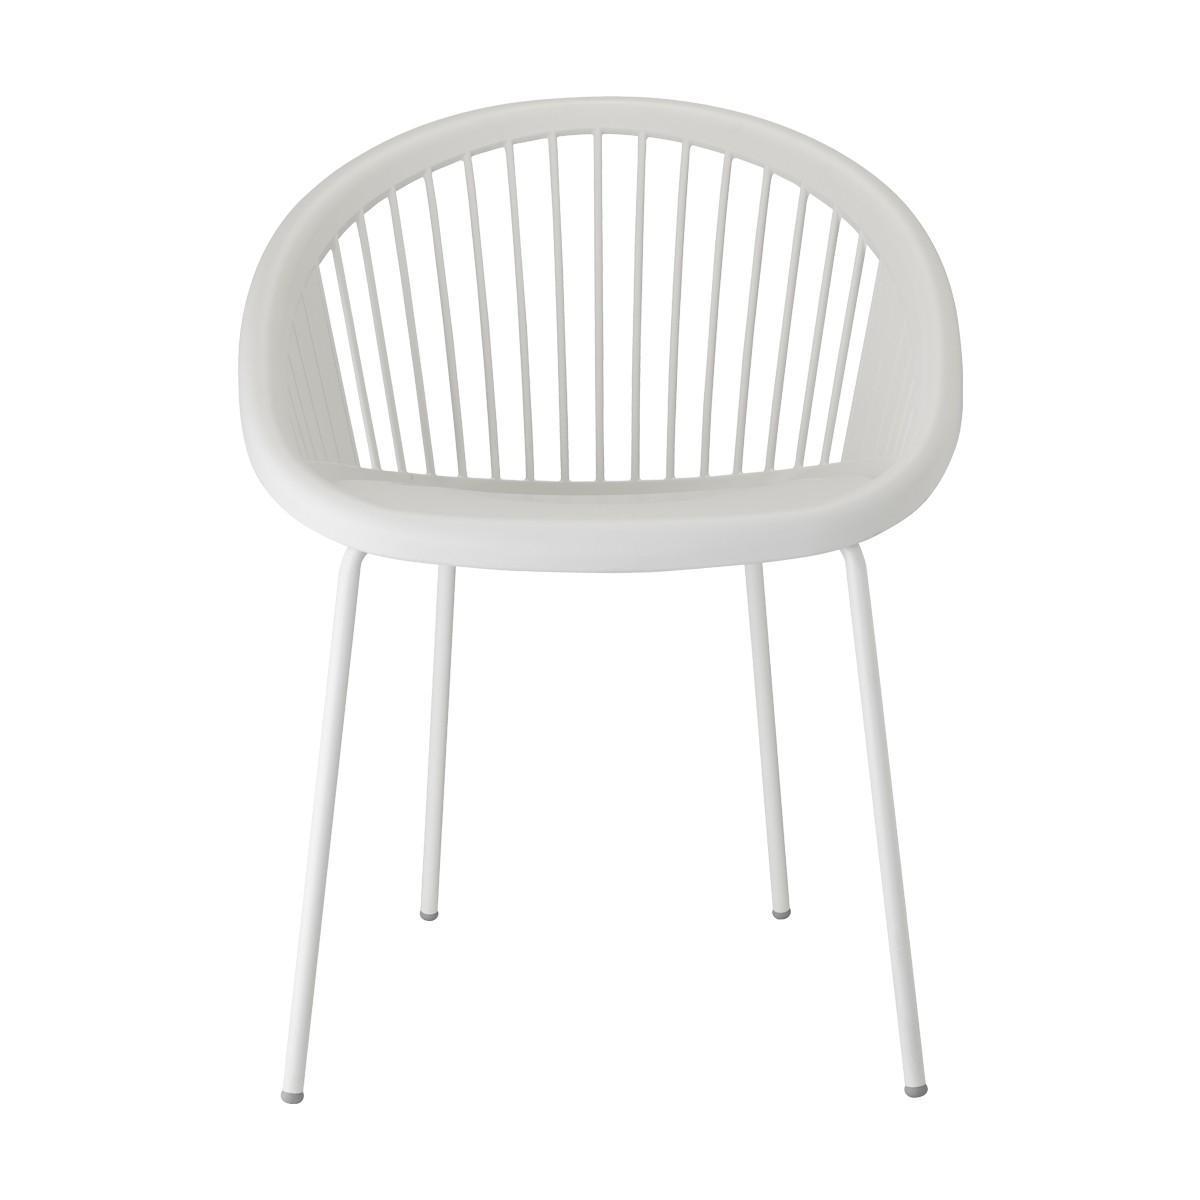 Кресло пластиковое Giulia coated frame